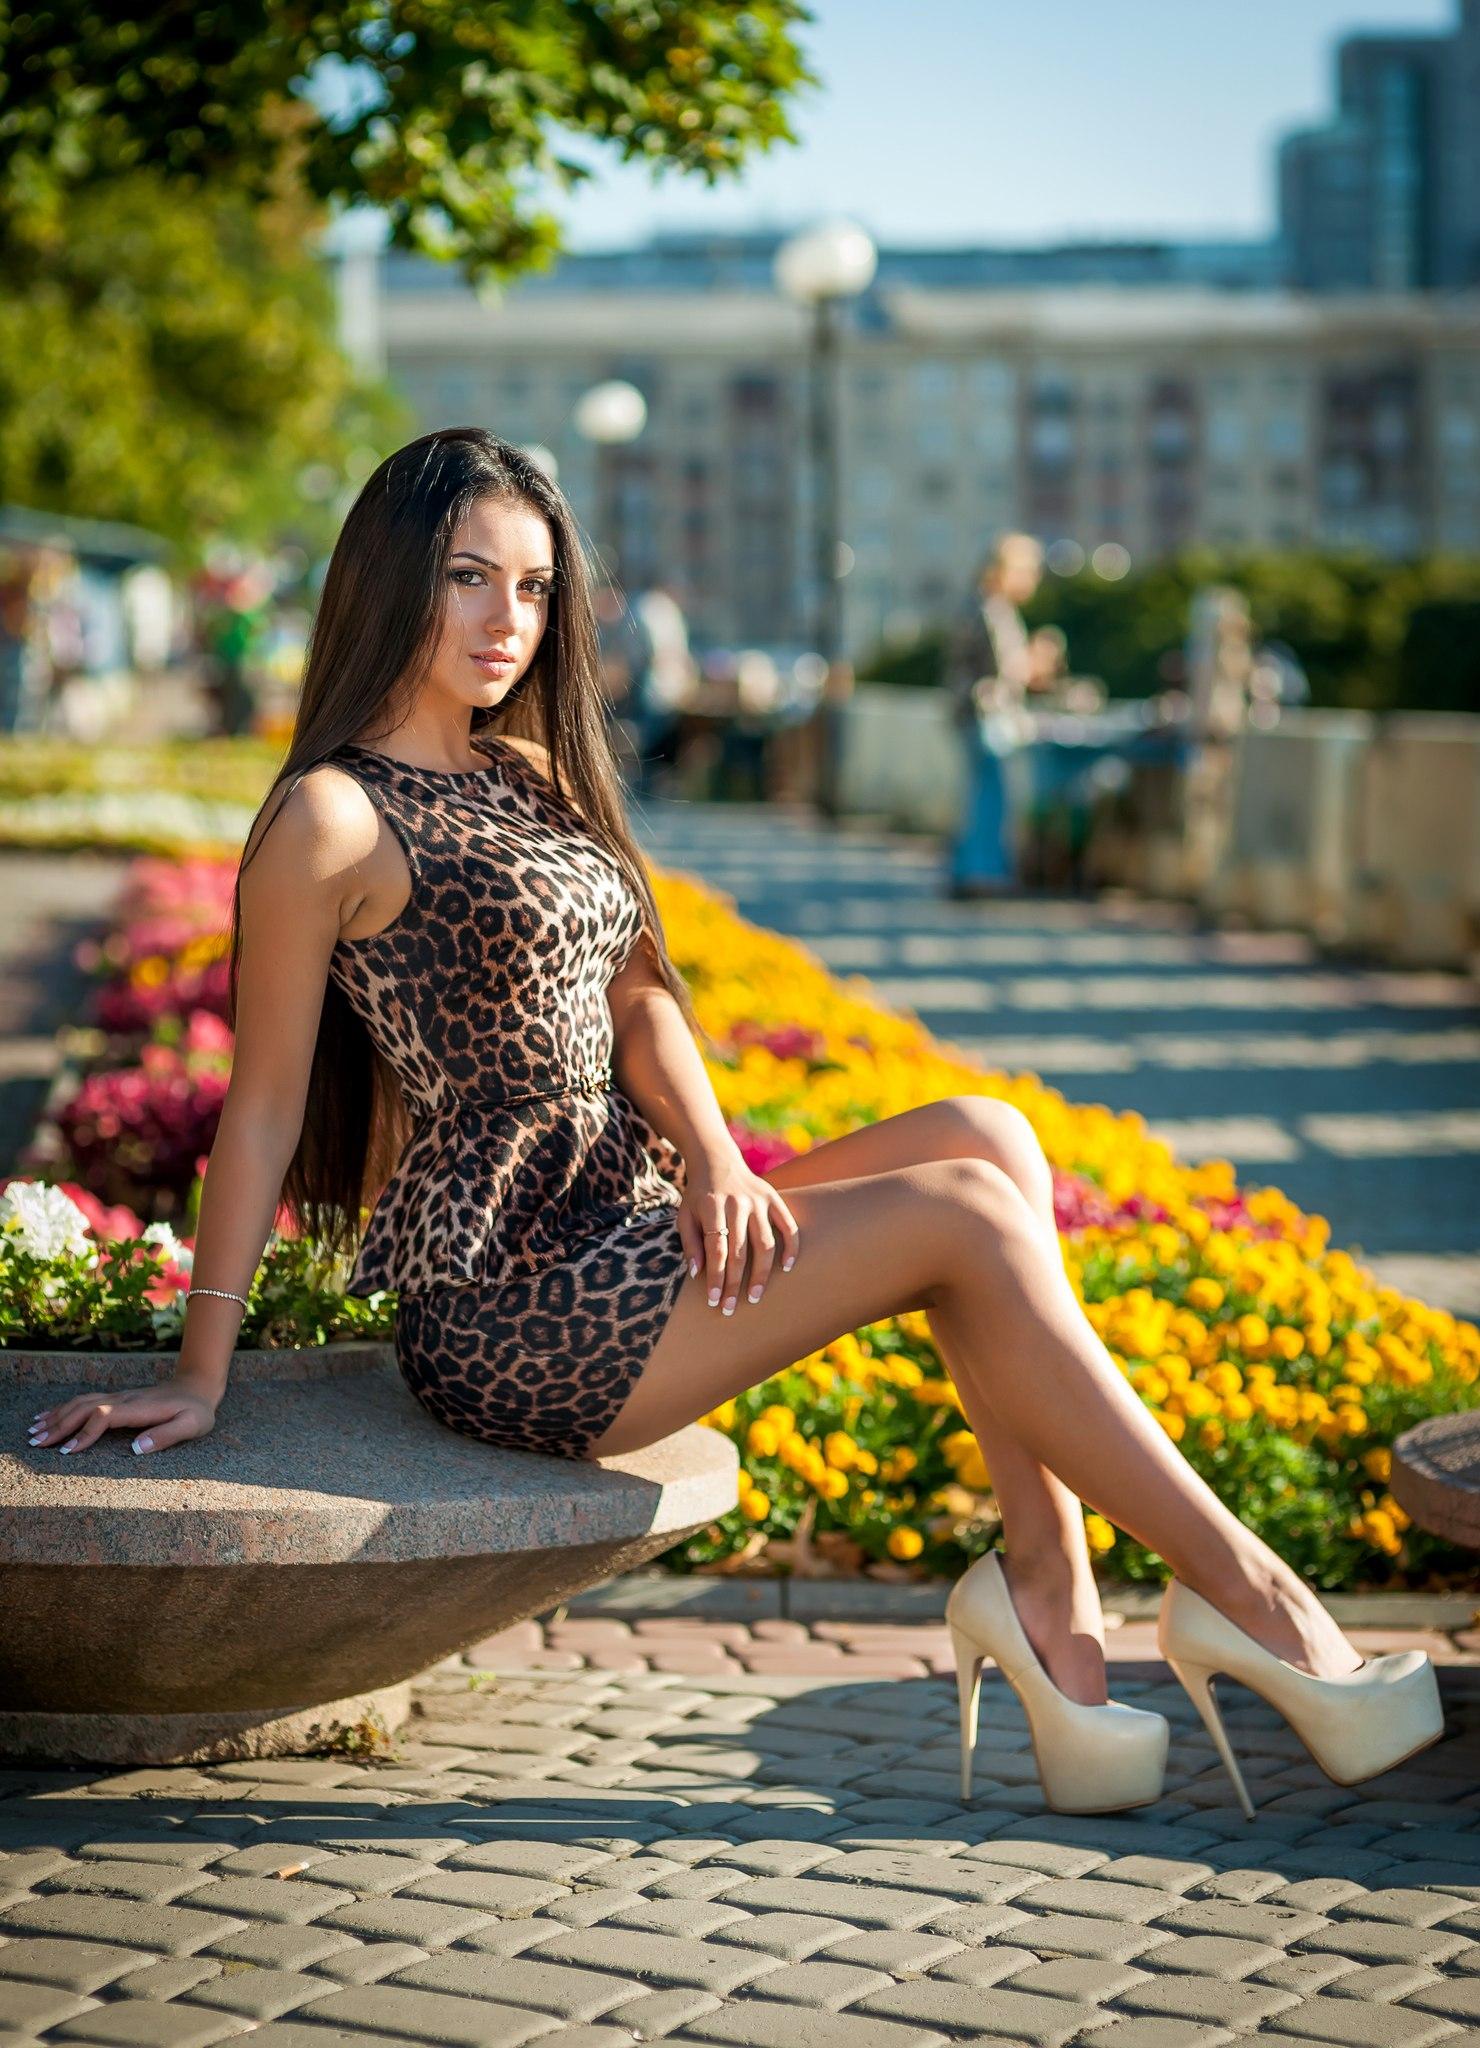 Шатенка в леопардовом летнем платье